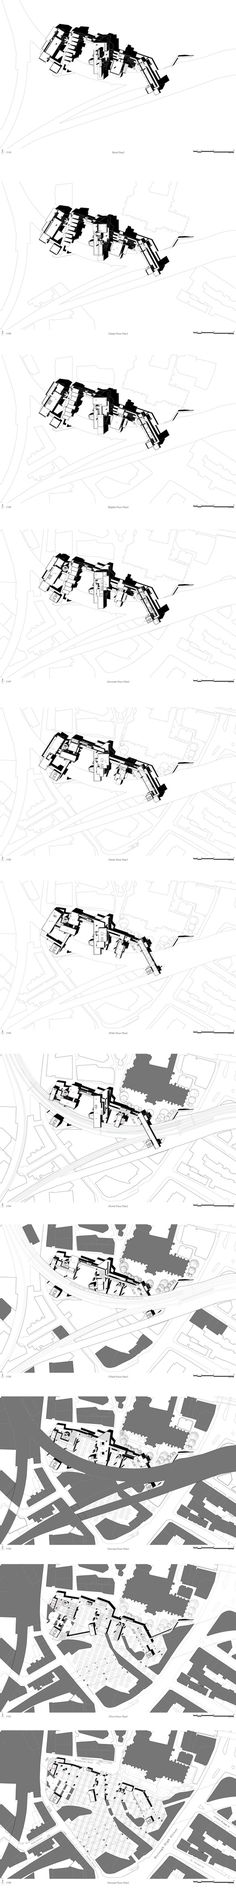 Borough Market Expansion: Proposed Plans #architecture